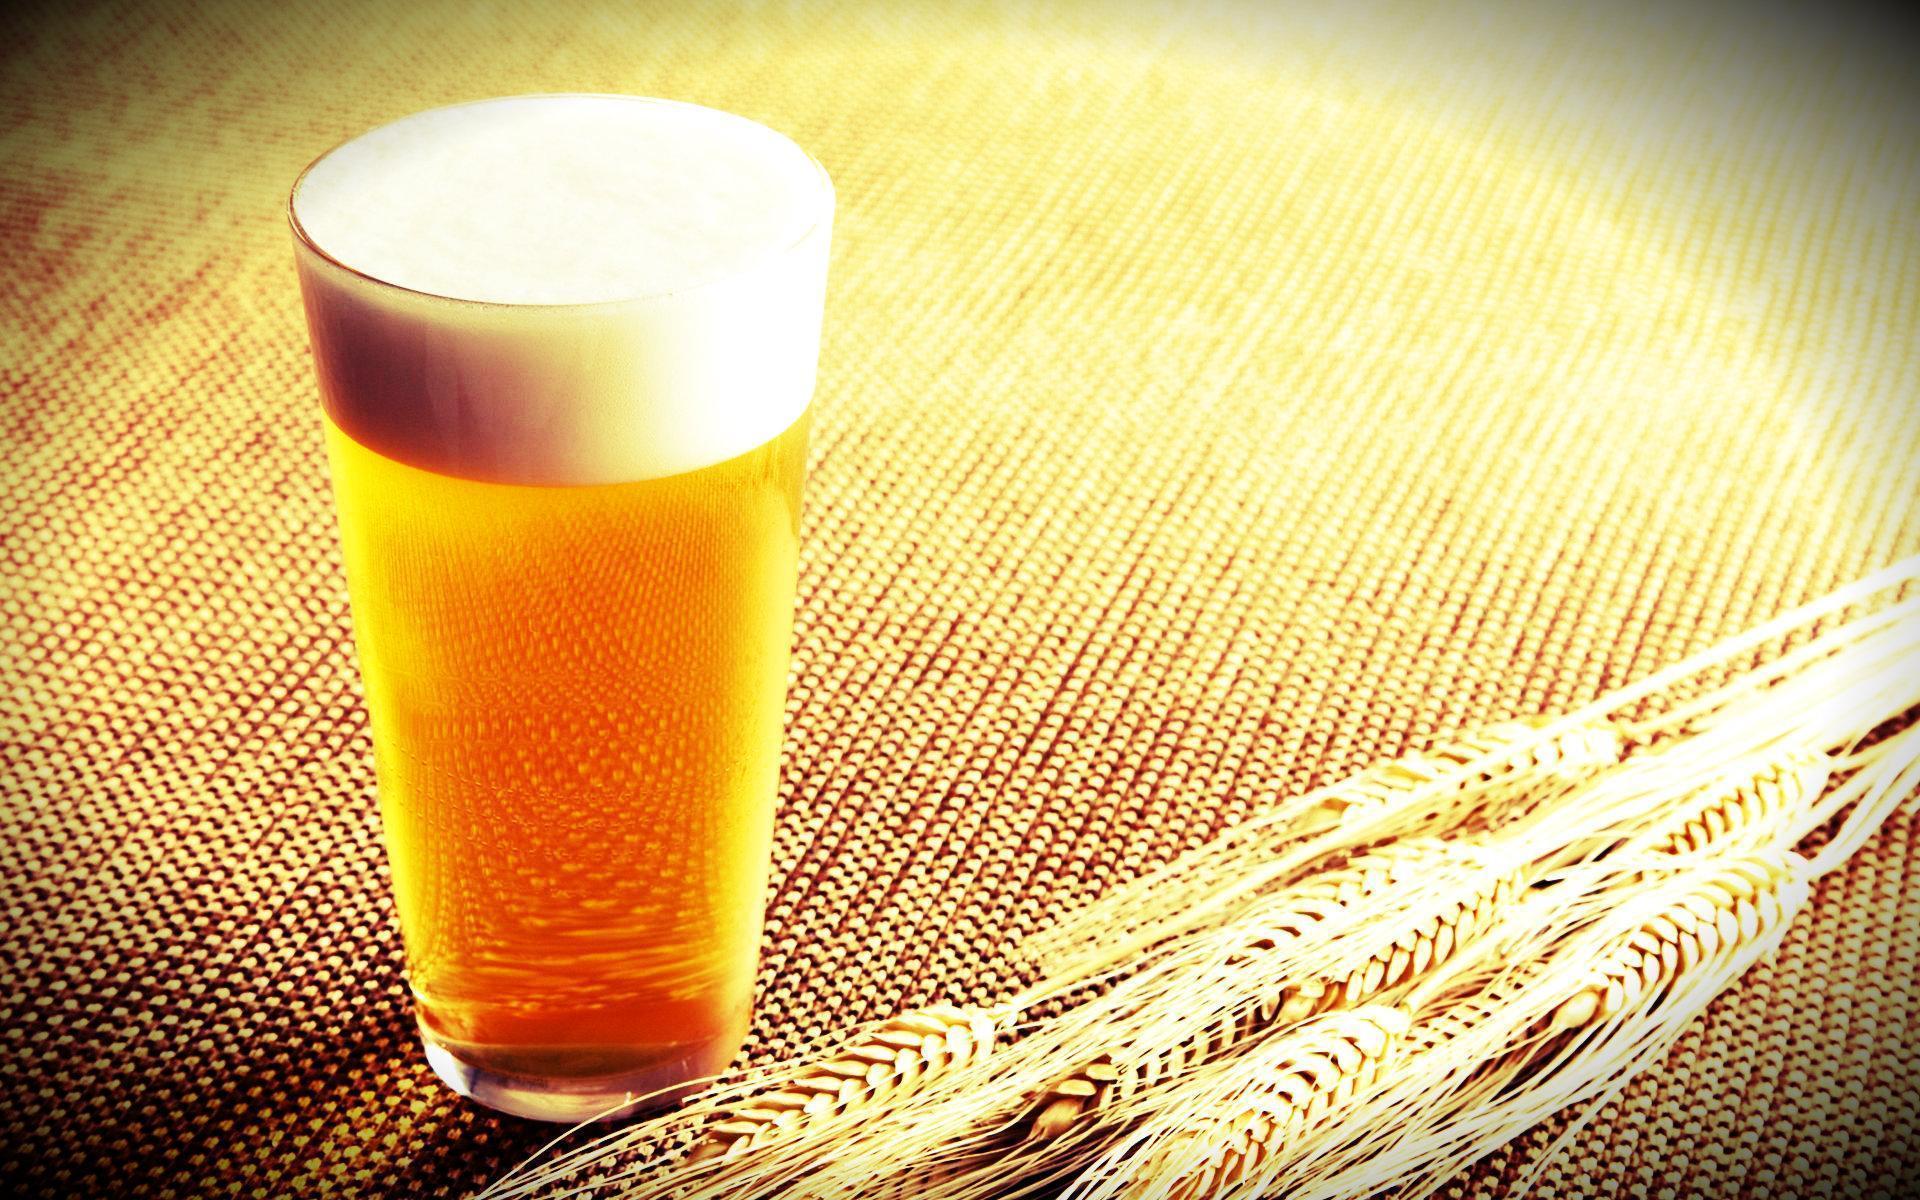 O Álcool Diminui a Perda De Peso, Por Quê?